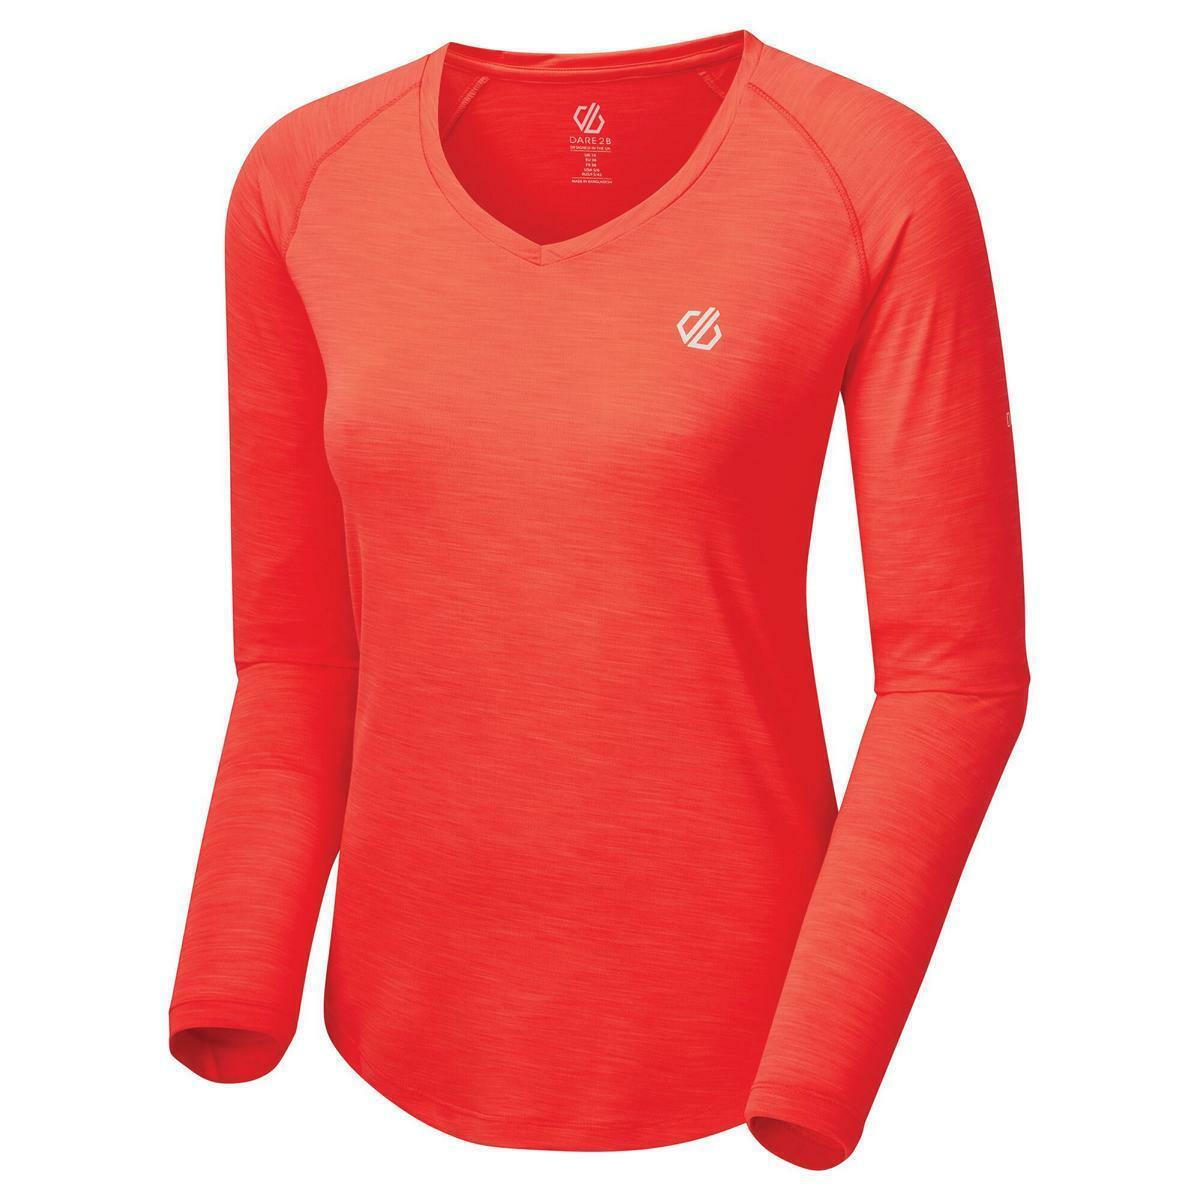 Dare2b Discern Tee Damen Langarm Funktions Shirt mit UV-Schutz geruchshemmend